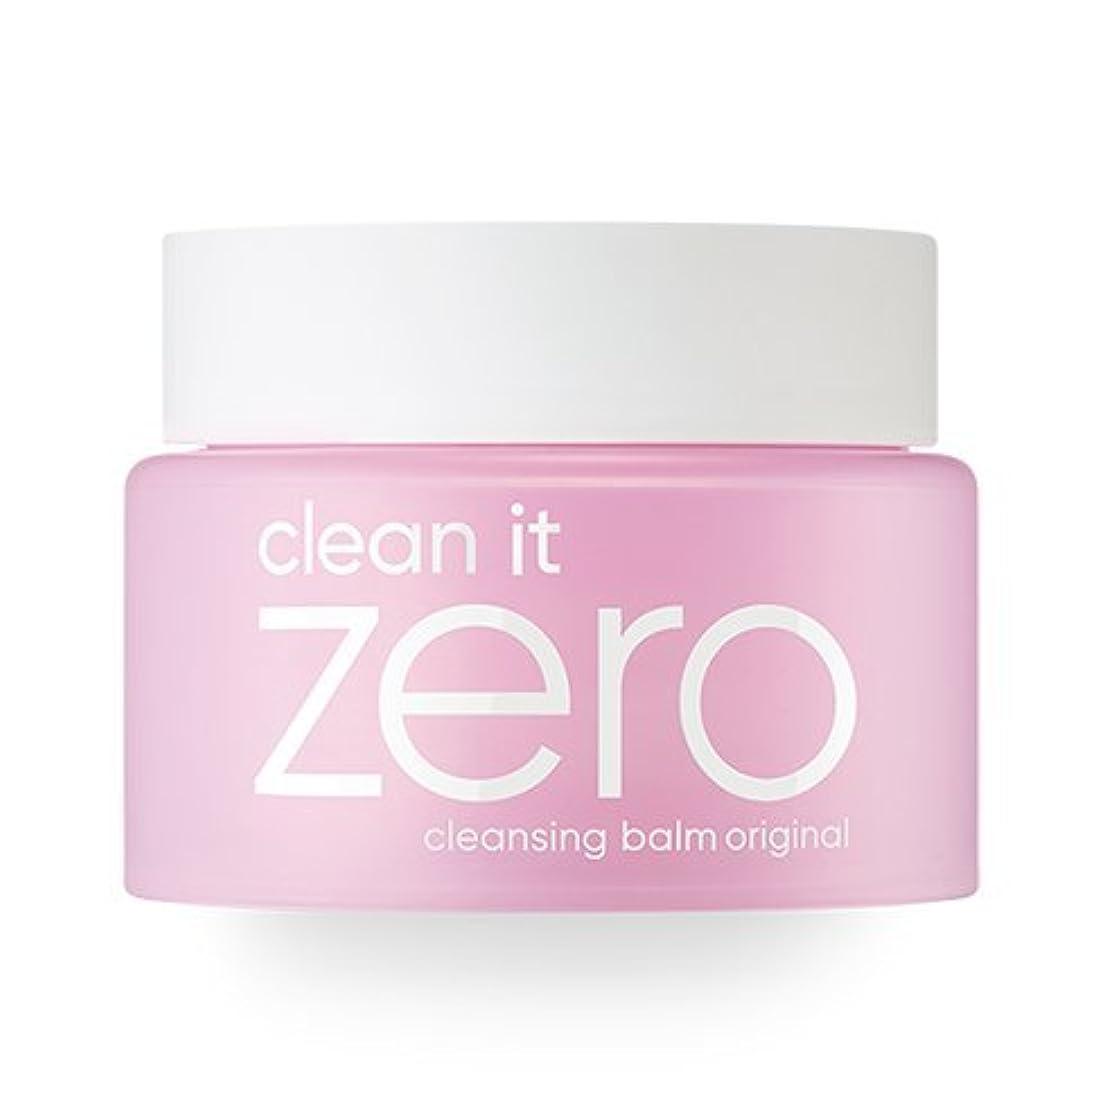 ヶ月目グリーンランド有名[2018 Renewal] BANILA CO Clean It Zero Cleansing Balm/バニラコ クリーン イット ゼロ クレンジング バーム (#Original 100ml) [並行輸入品]